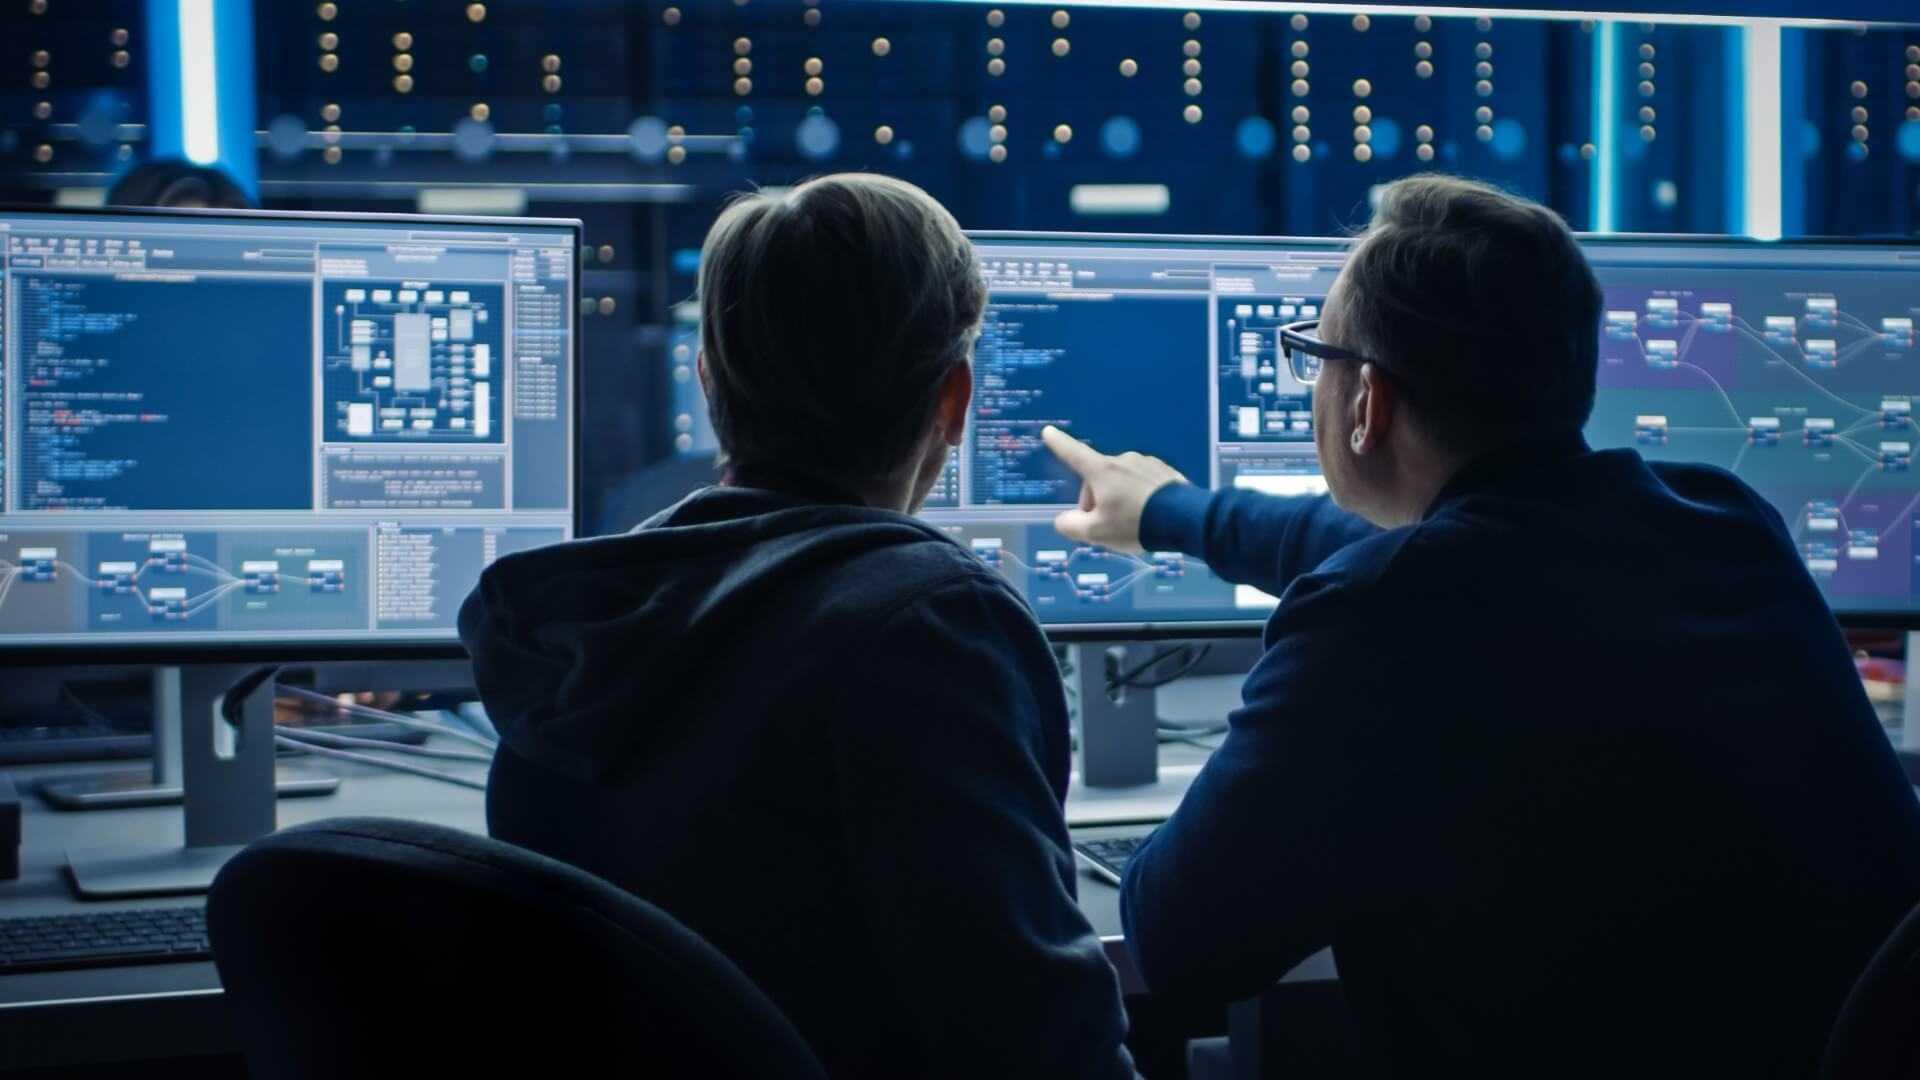 IT Security Management